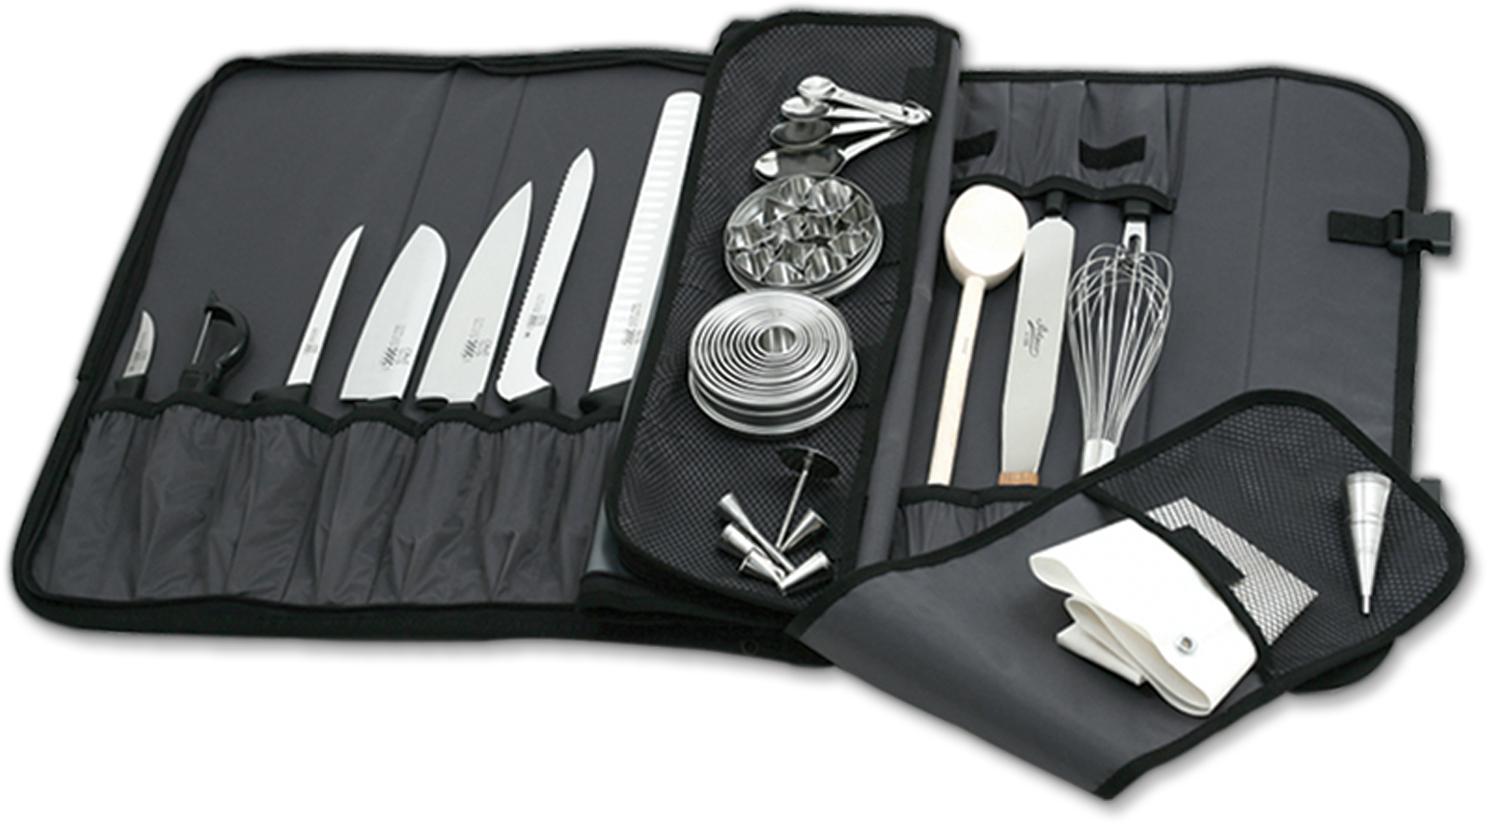 Mercer Innovations Black Nylon 17 Pocket Knife Case